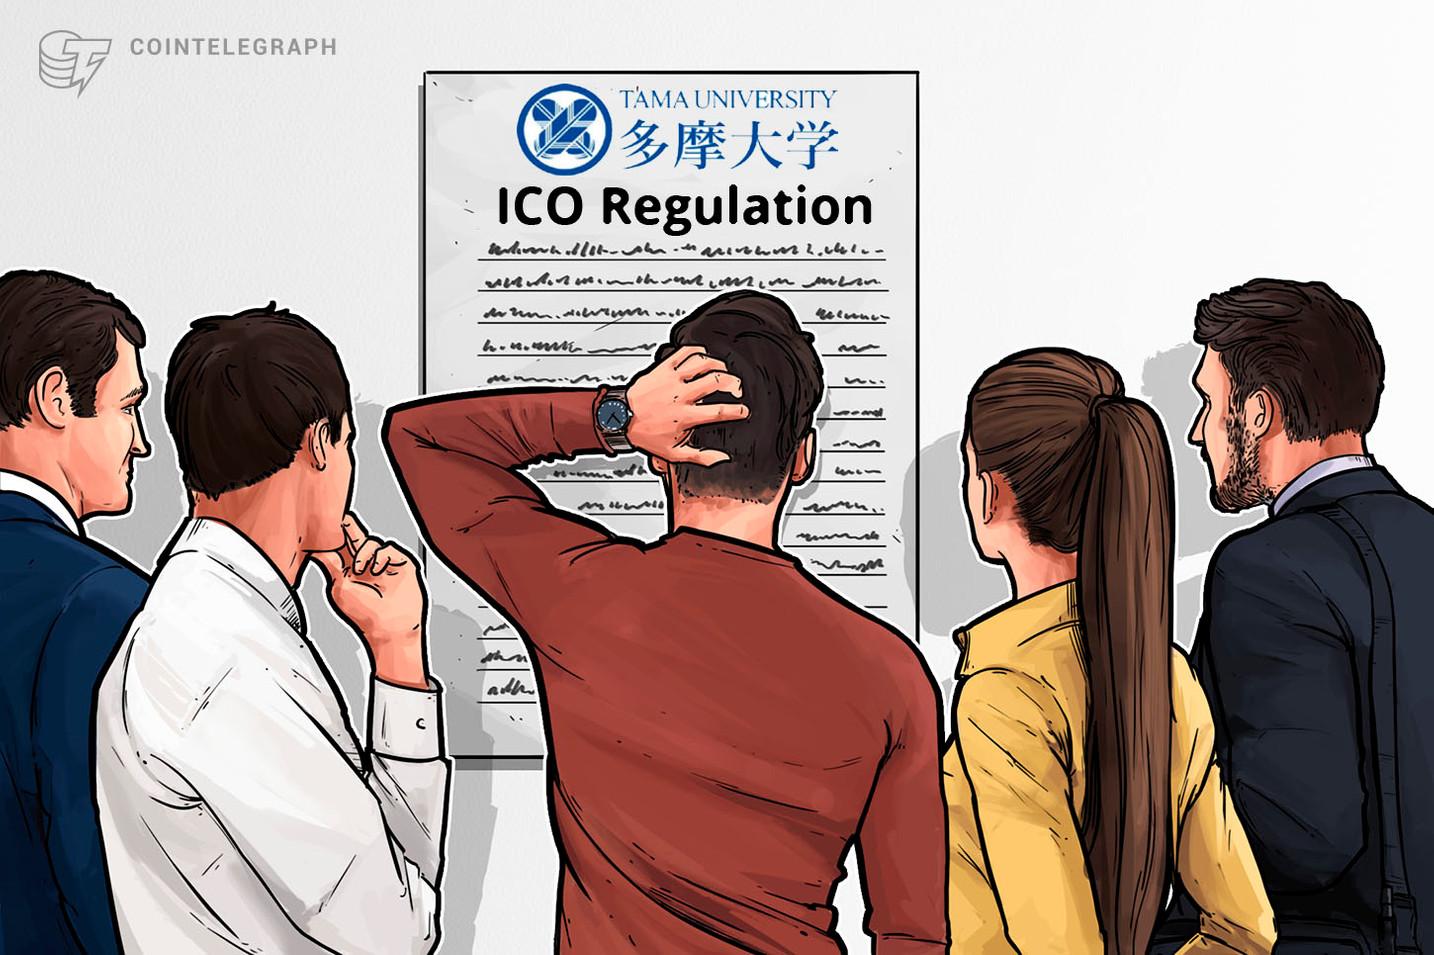 Japanische Forschungsgruppe entwirft Richtlinien zur ICO-Regulierung